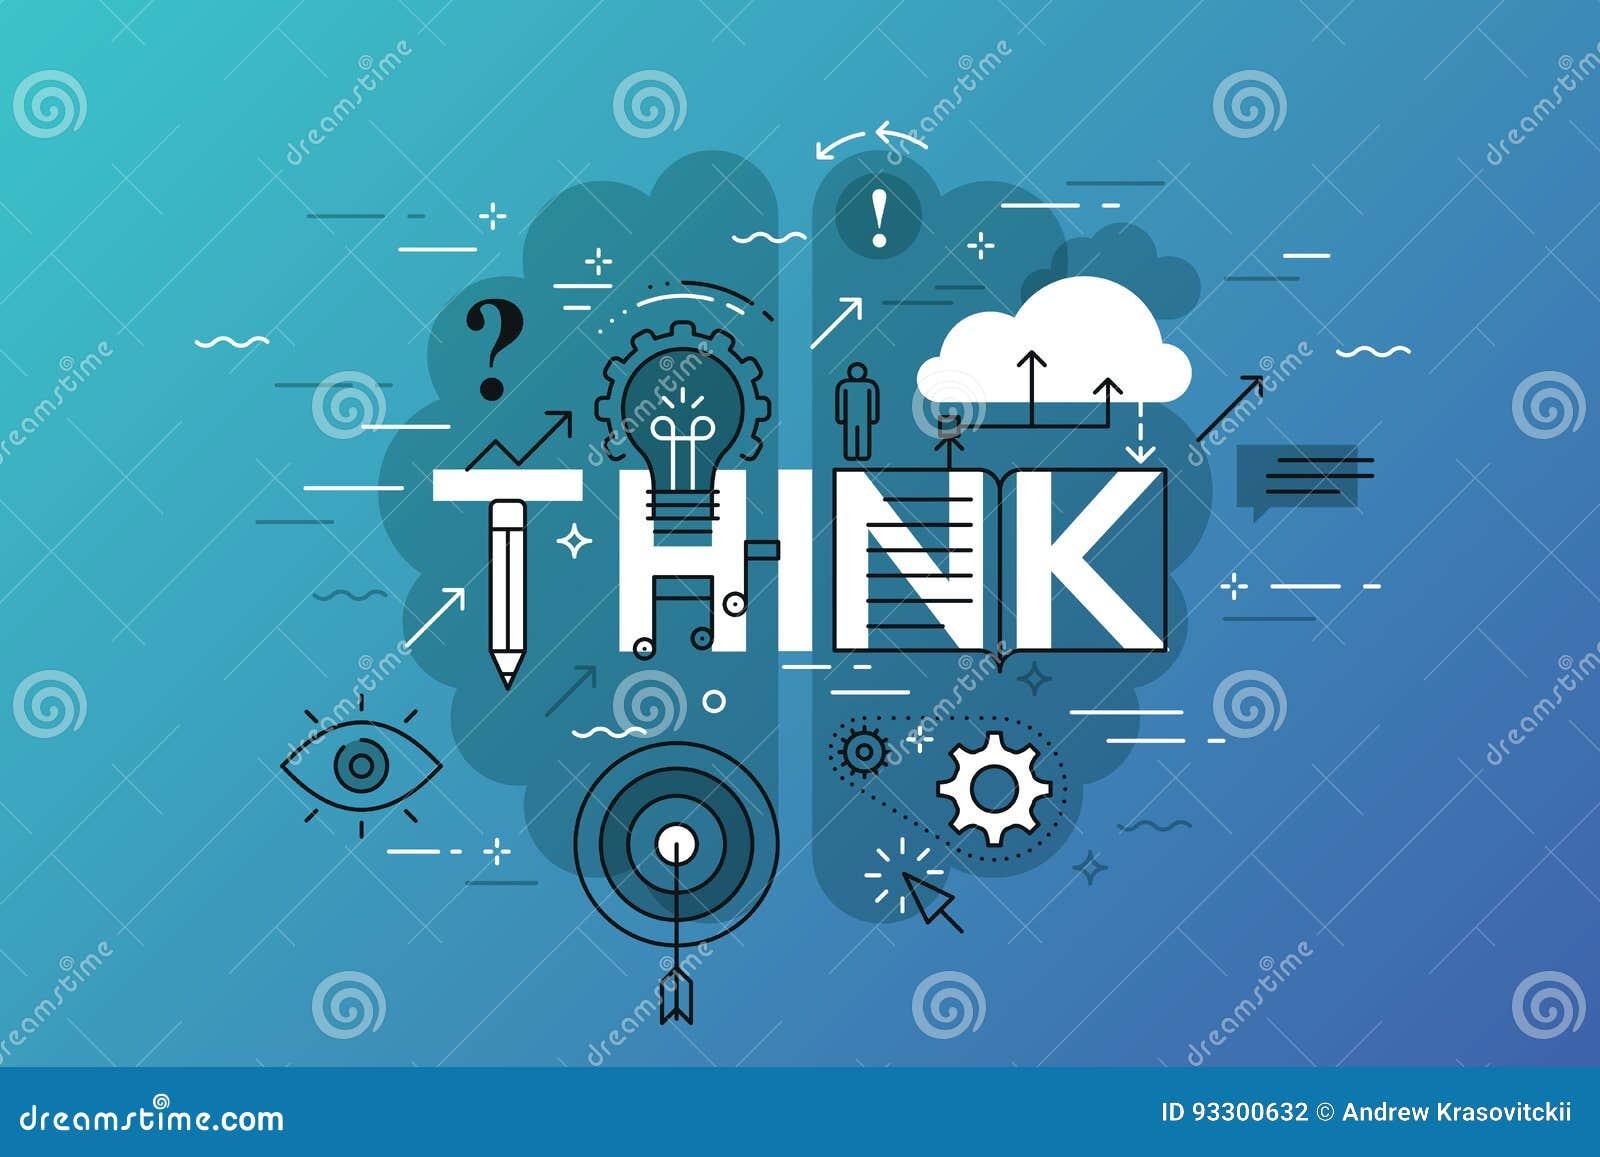 Cienki kreskowy płaski projekta sztandar dla myśli strony internetowej, uczenie, wiedza, innowacja, twórczość, rozwiązania